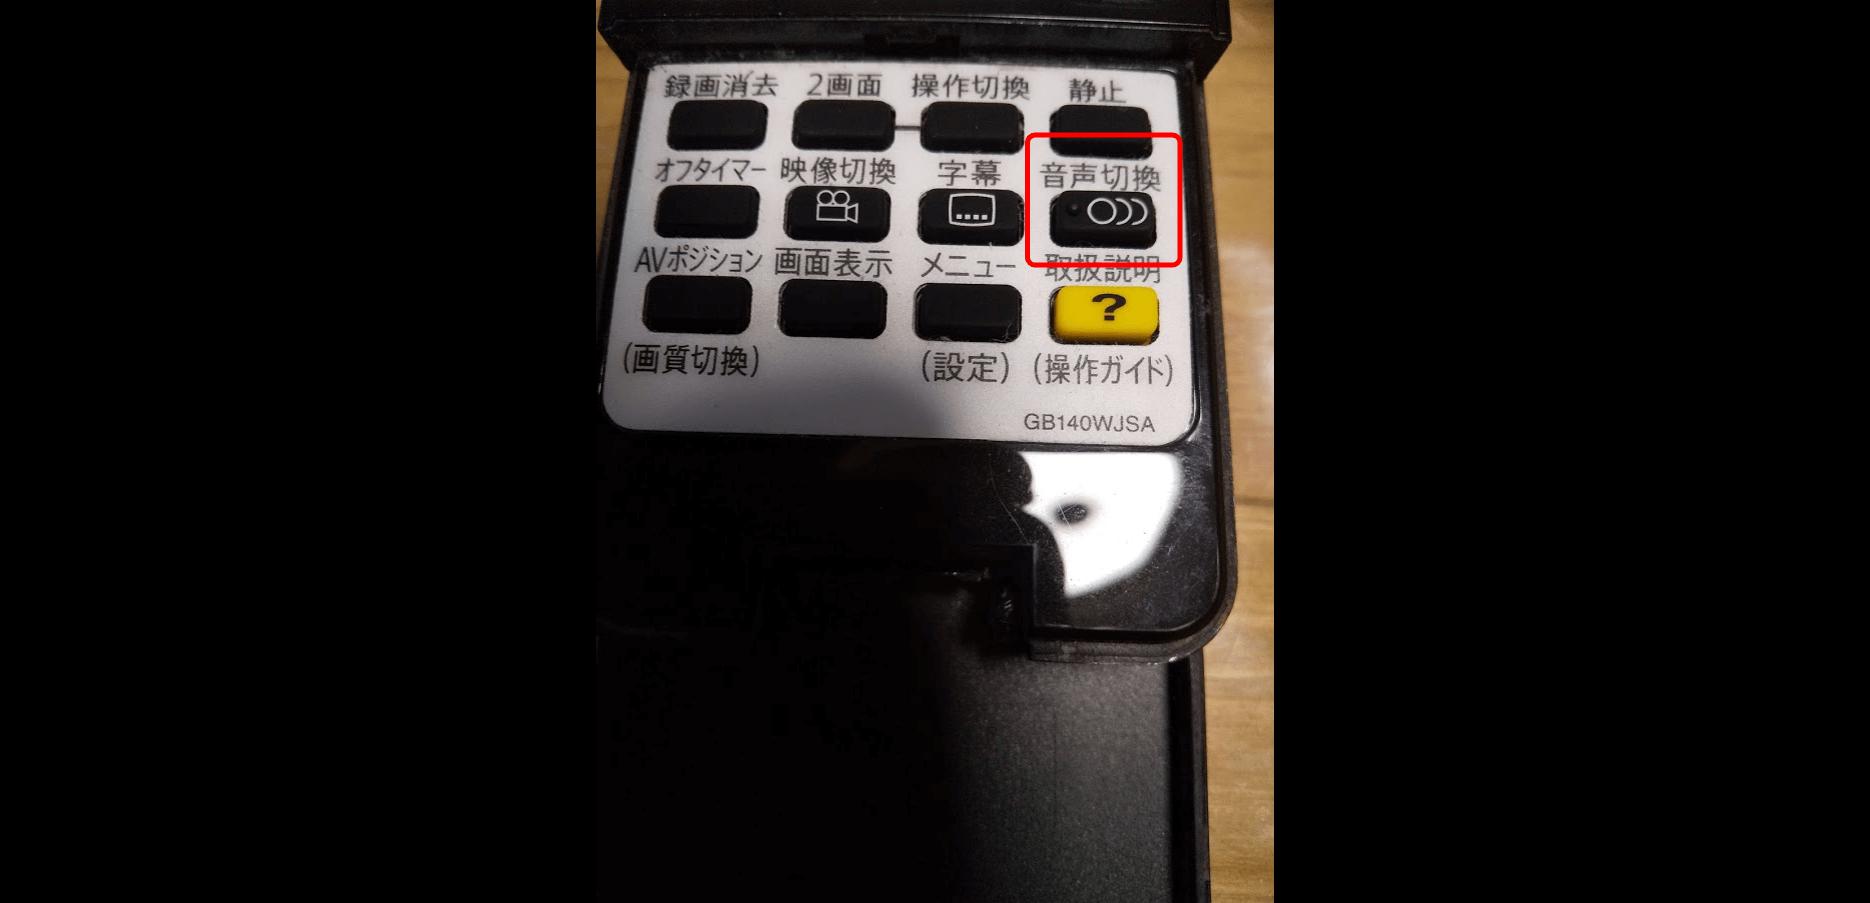 紅白裏トーク聞き方・設定音声切換ボタン